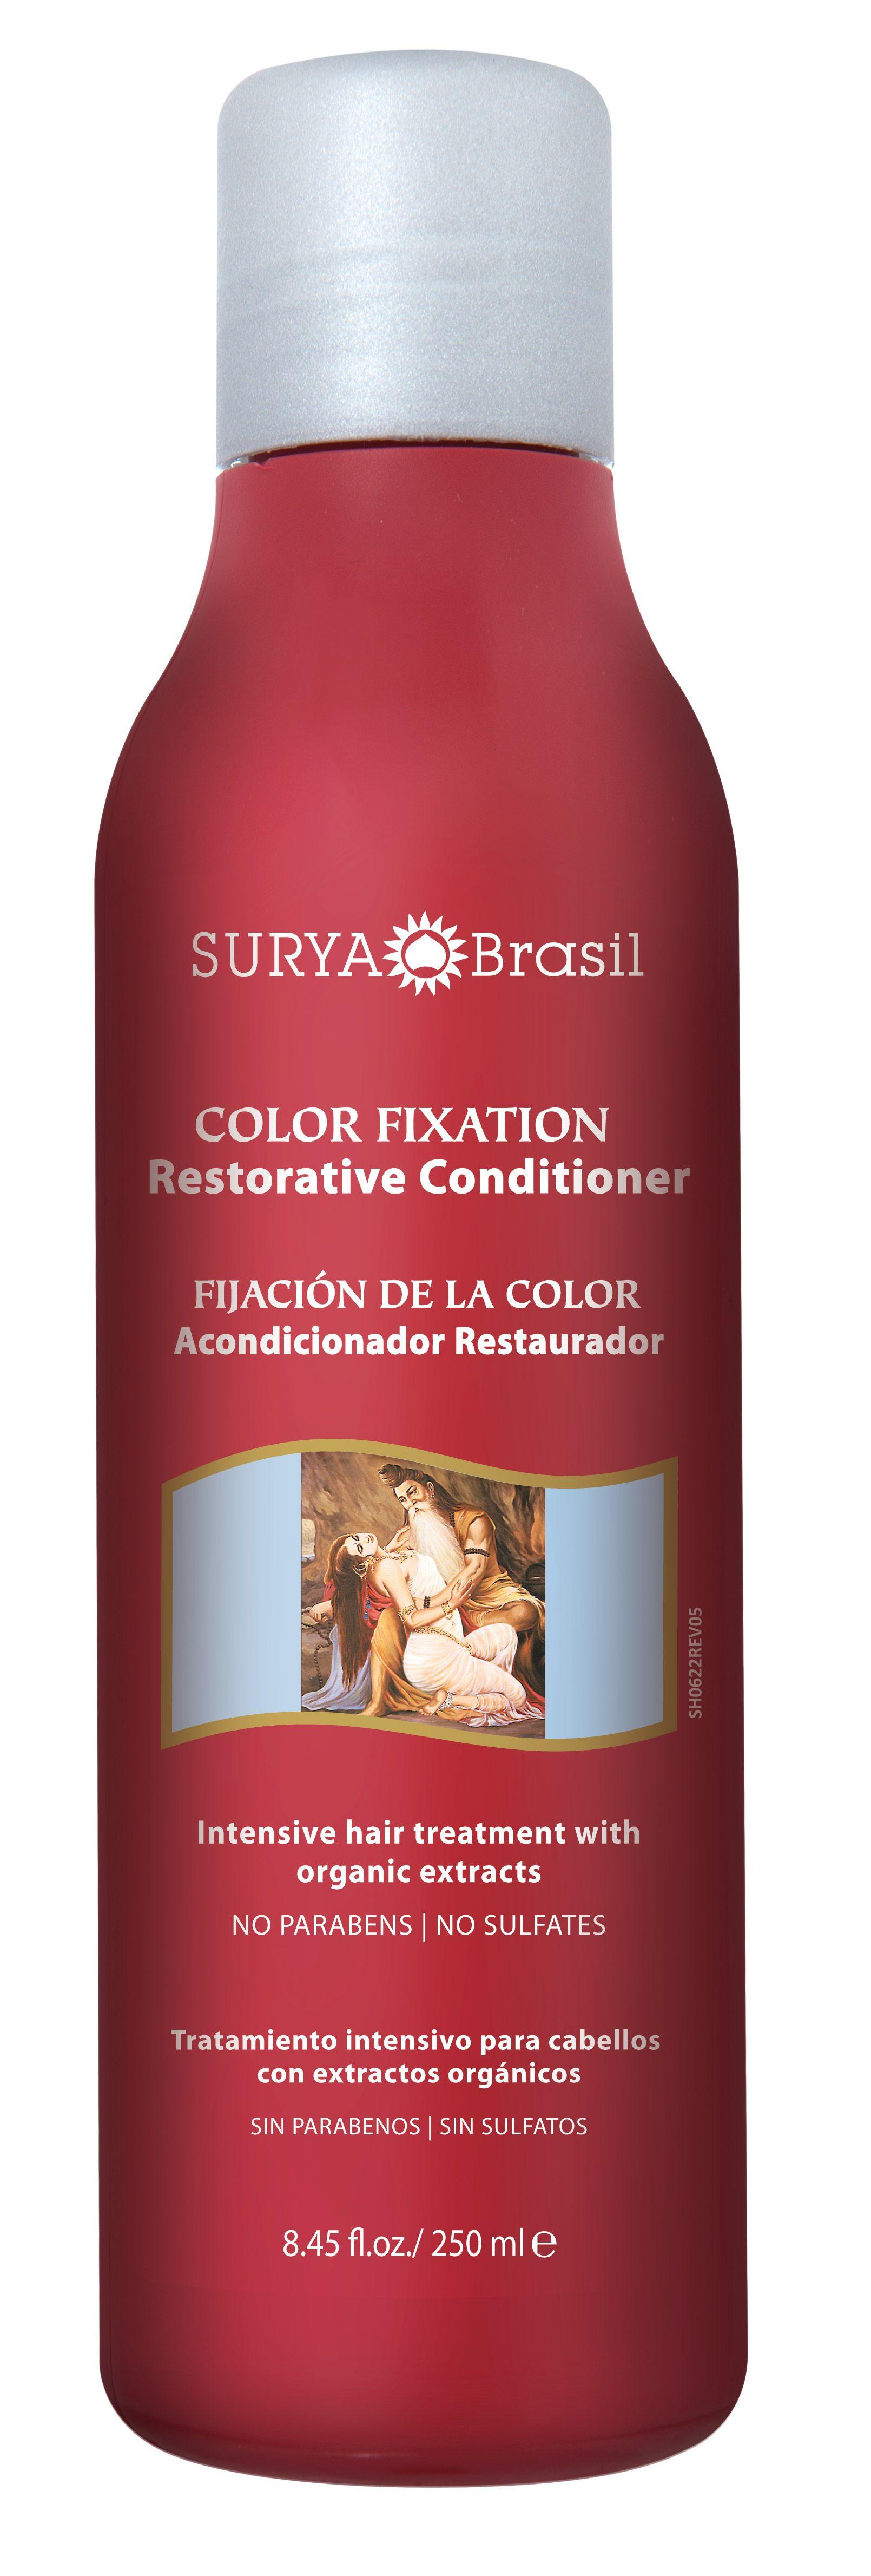 #colourfixation